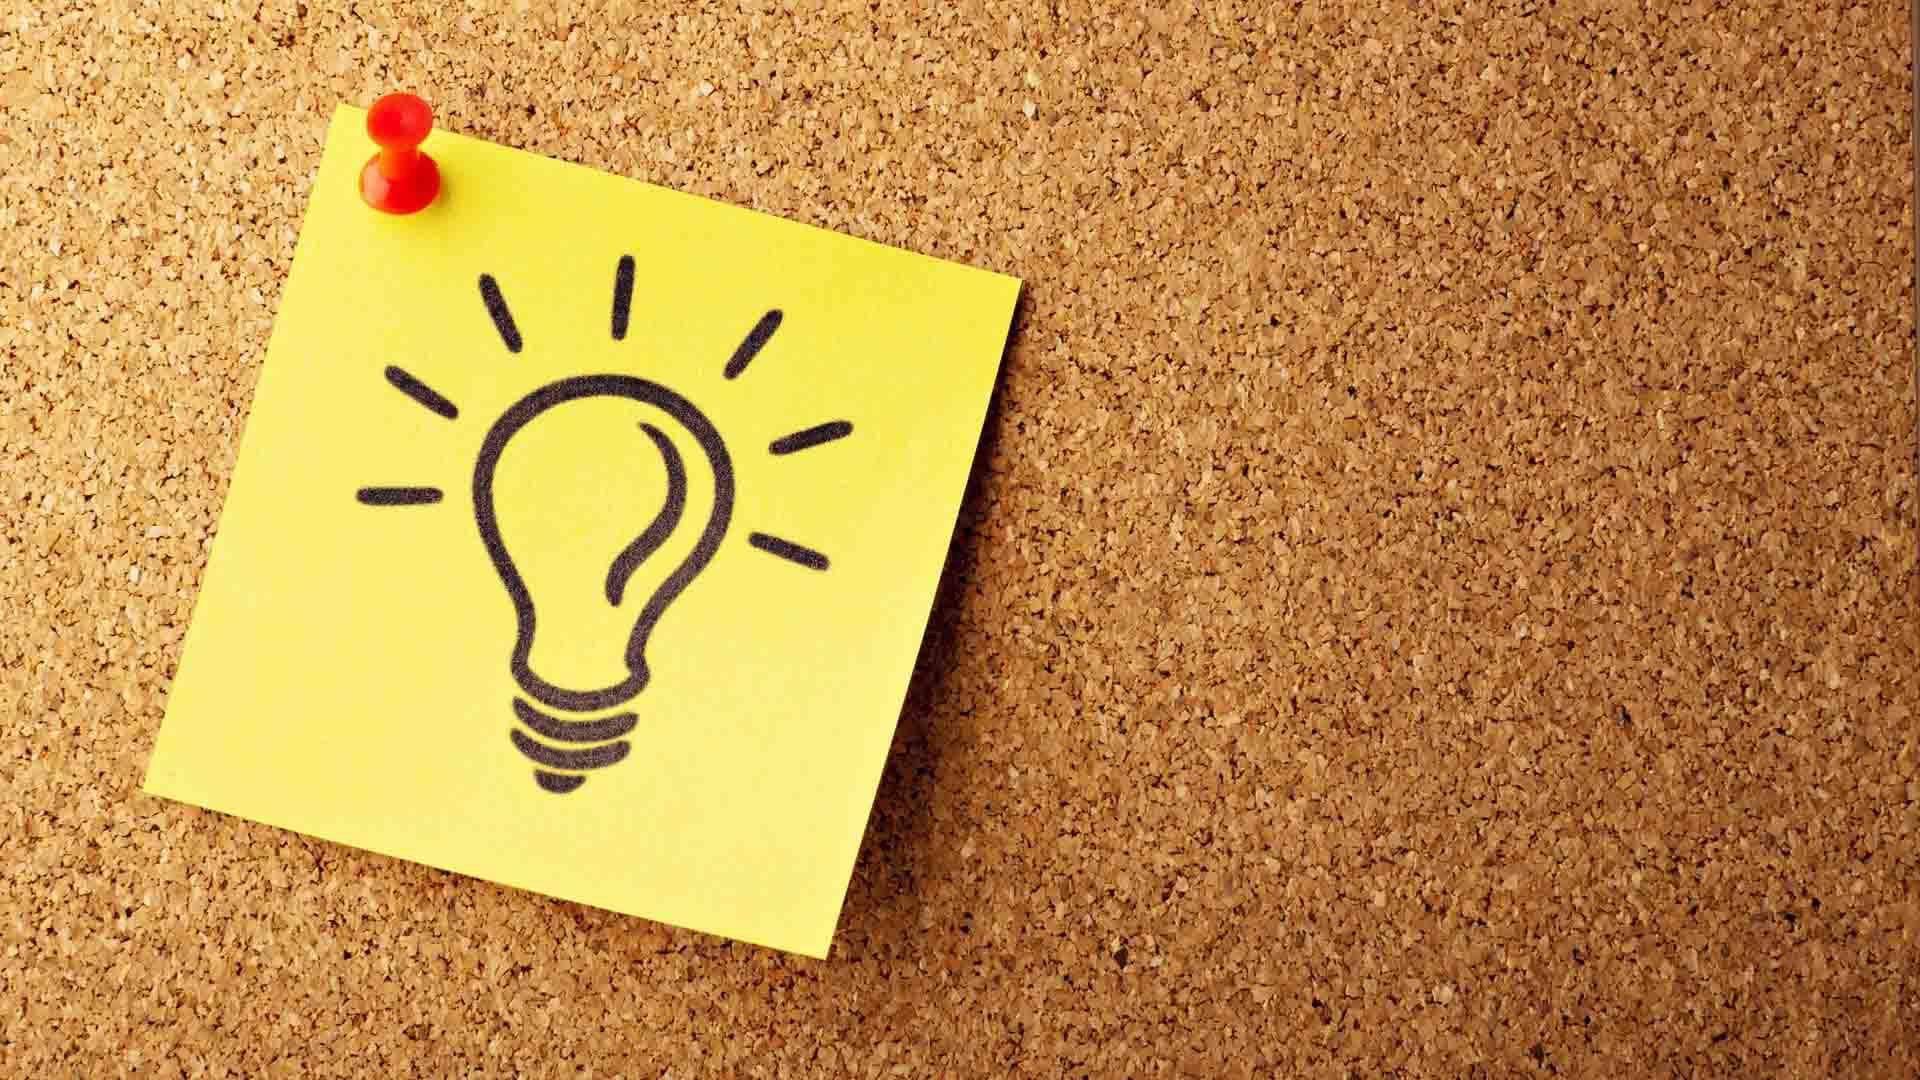 idea generation - post-it note with lightbulb drawn on it on cork ideas board